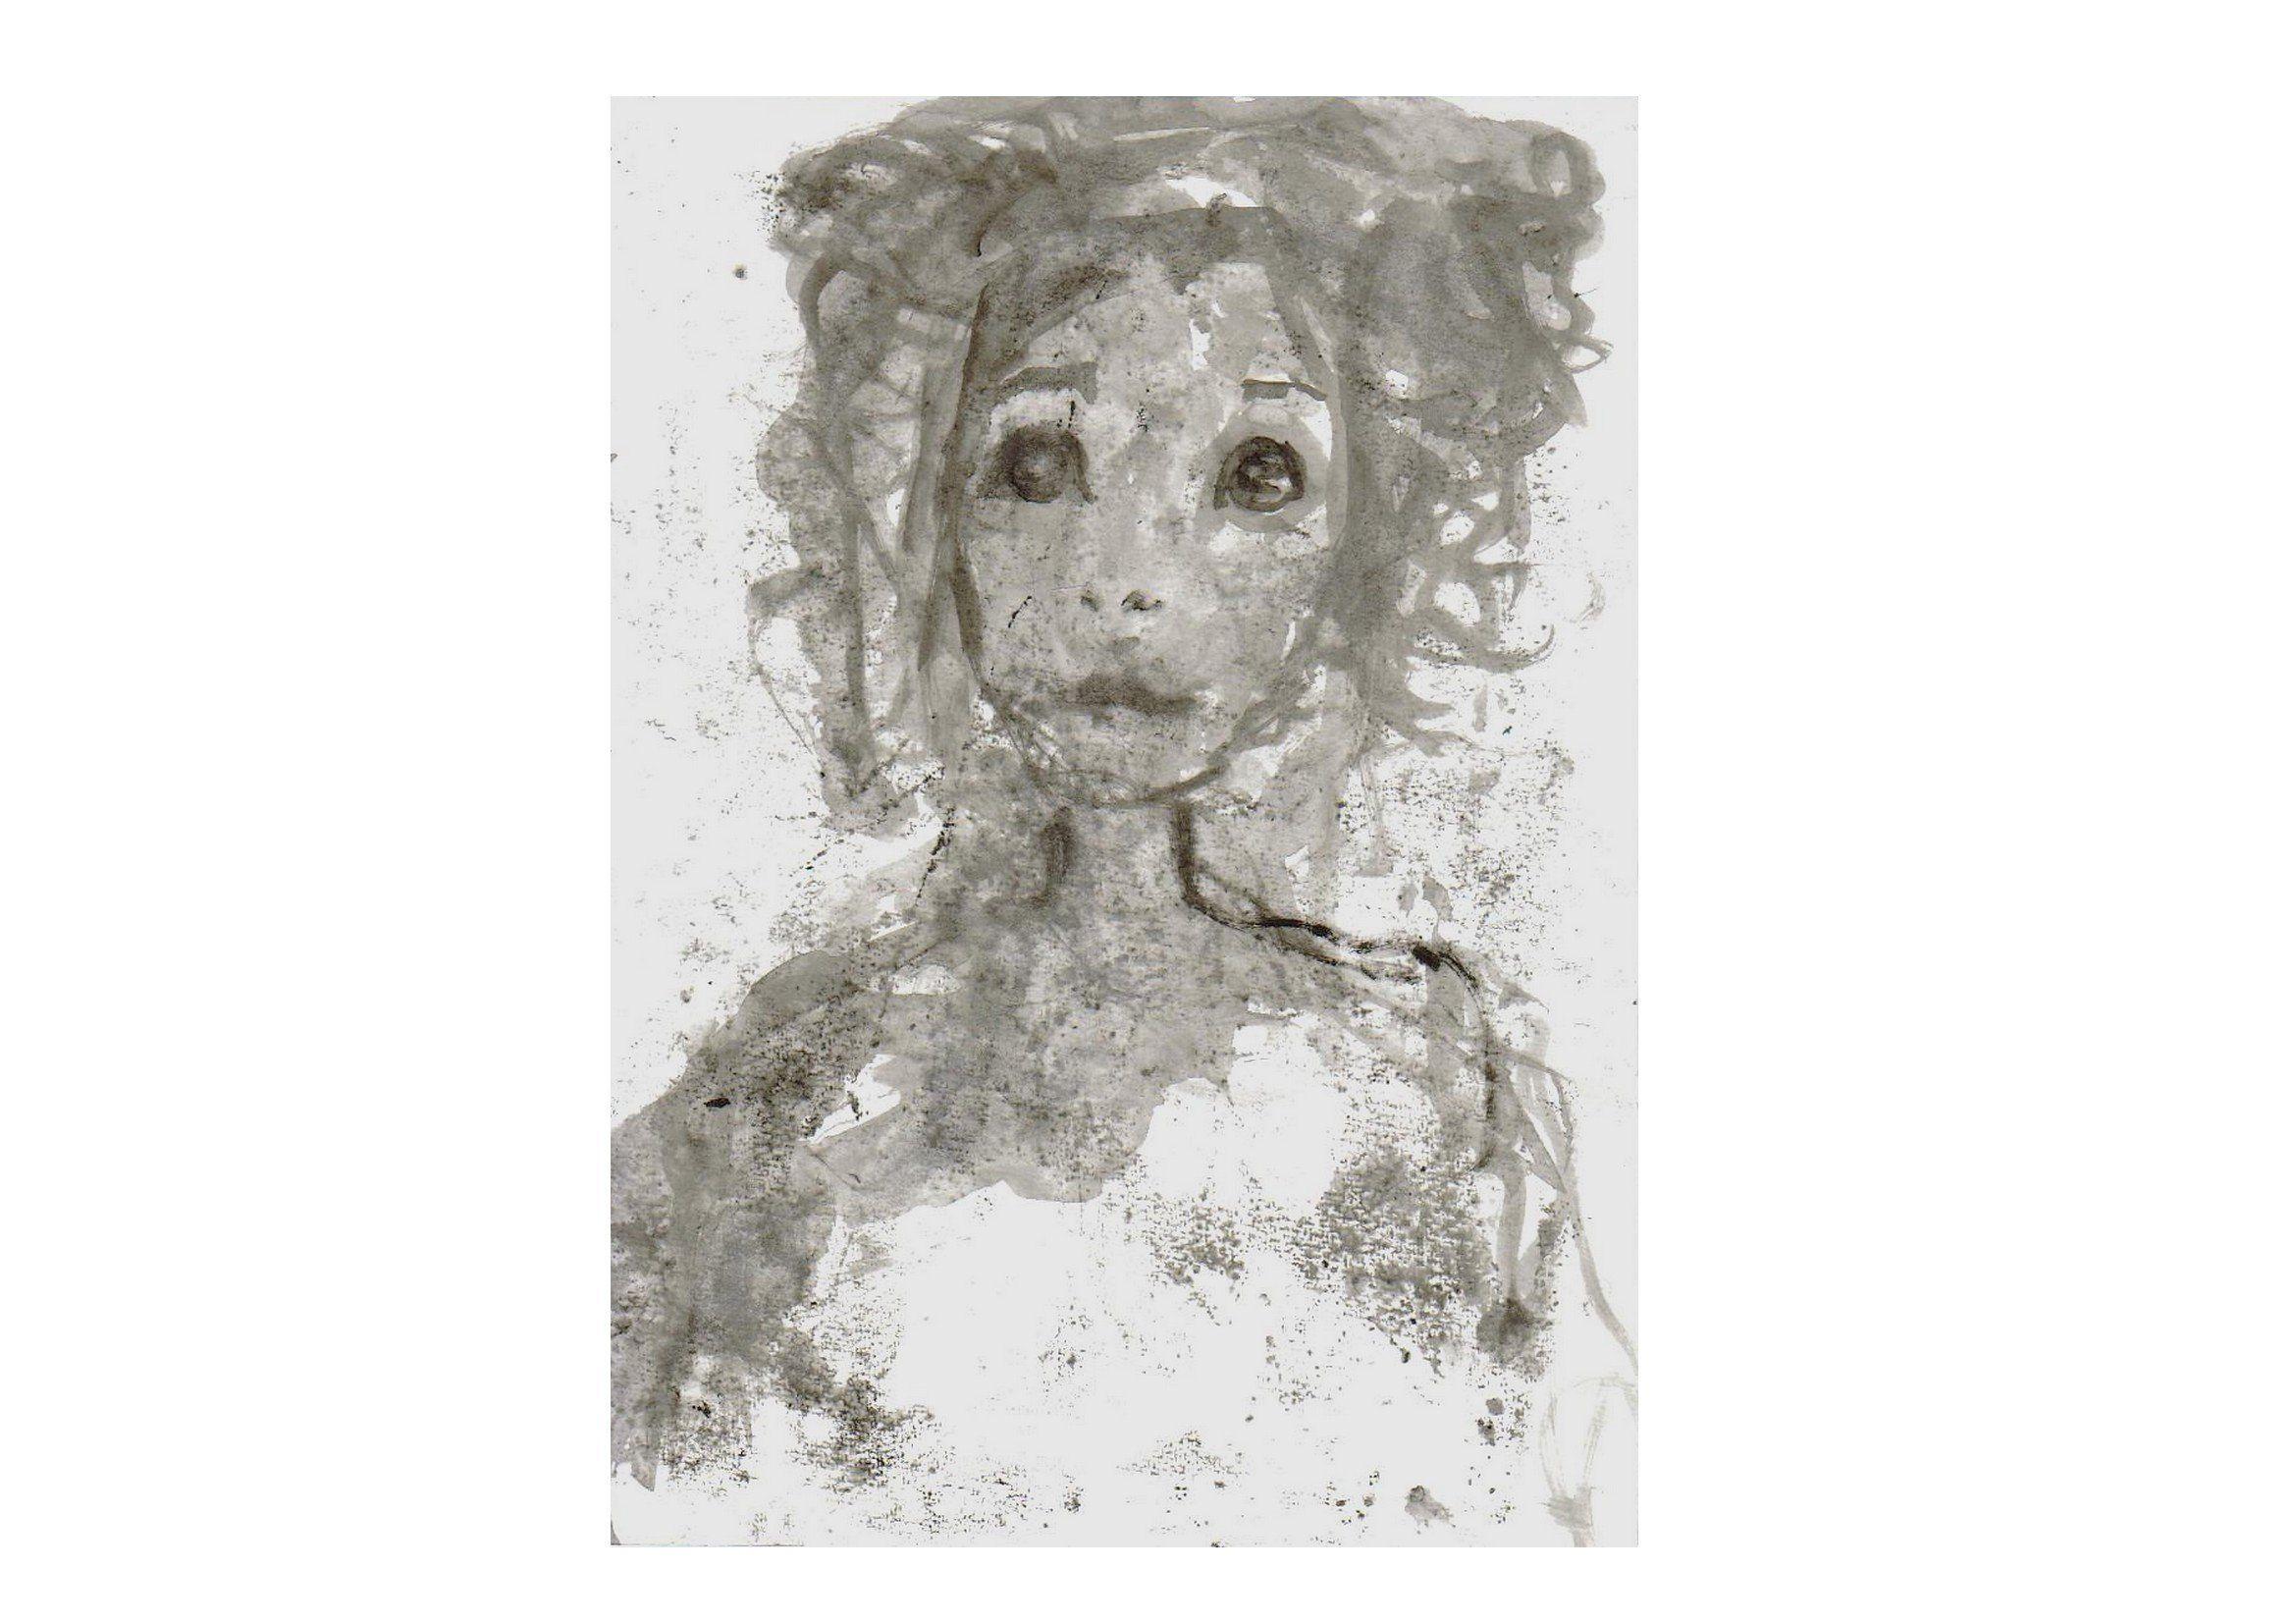 Peinture portrait femme original blanc noir gris visage esquisse